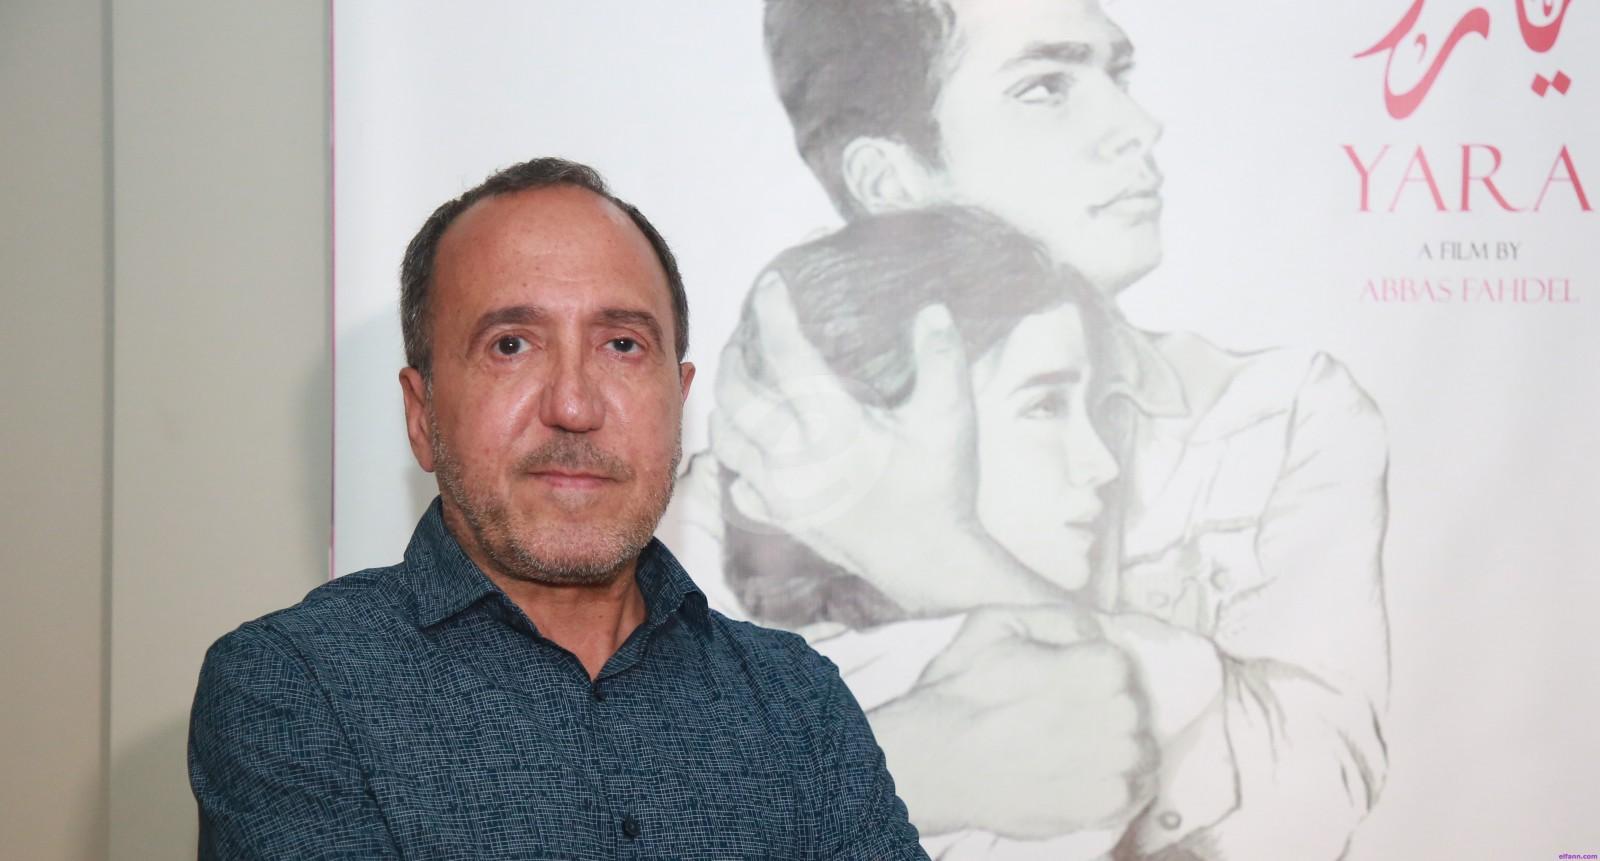 """مخرج """"يارا"""" لـ""""الفن"""": لهذا السبب فضّلت لبنان على فرنسا لتصوير الفيلم"""